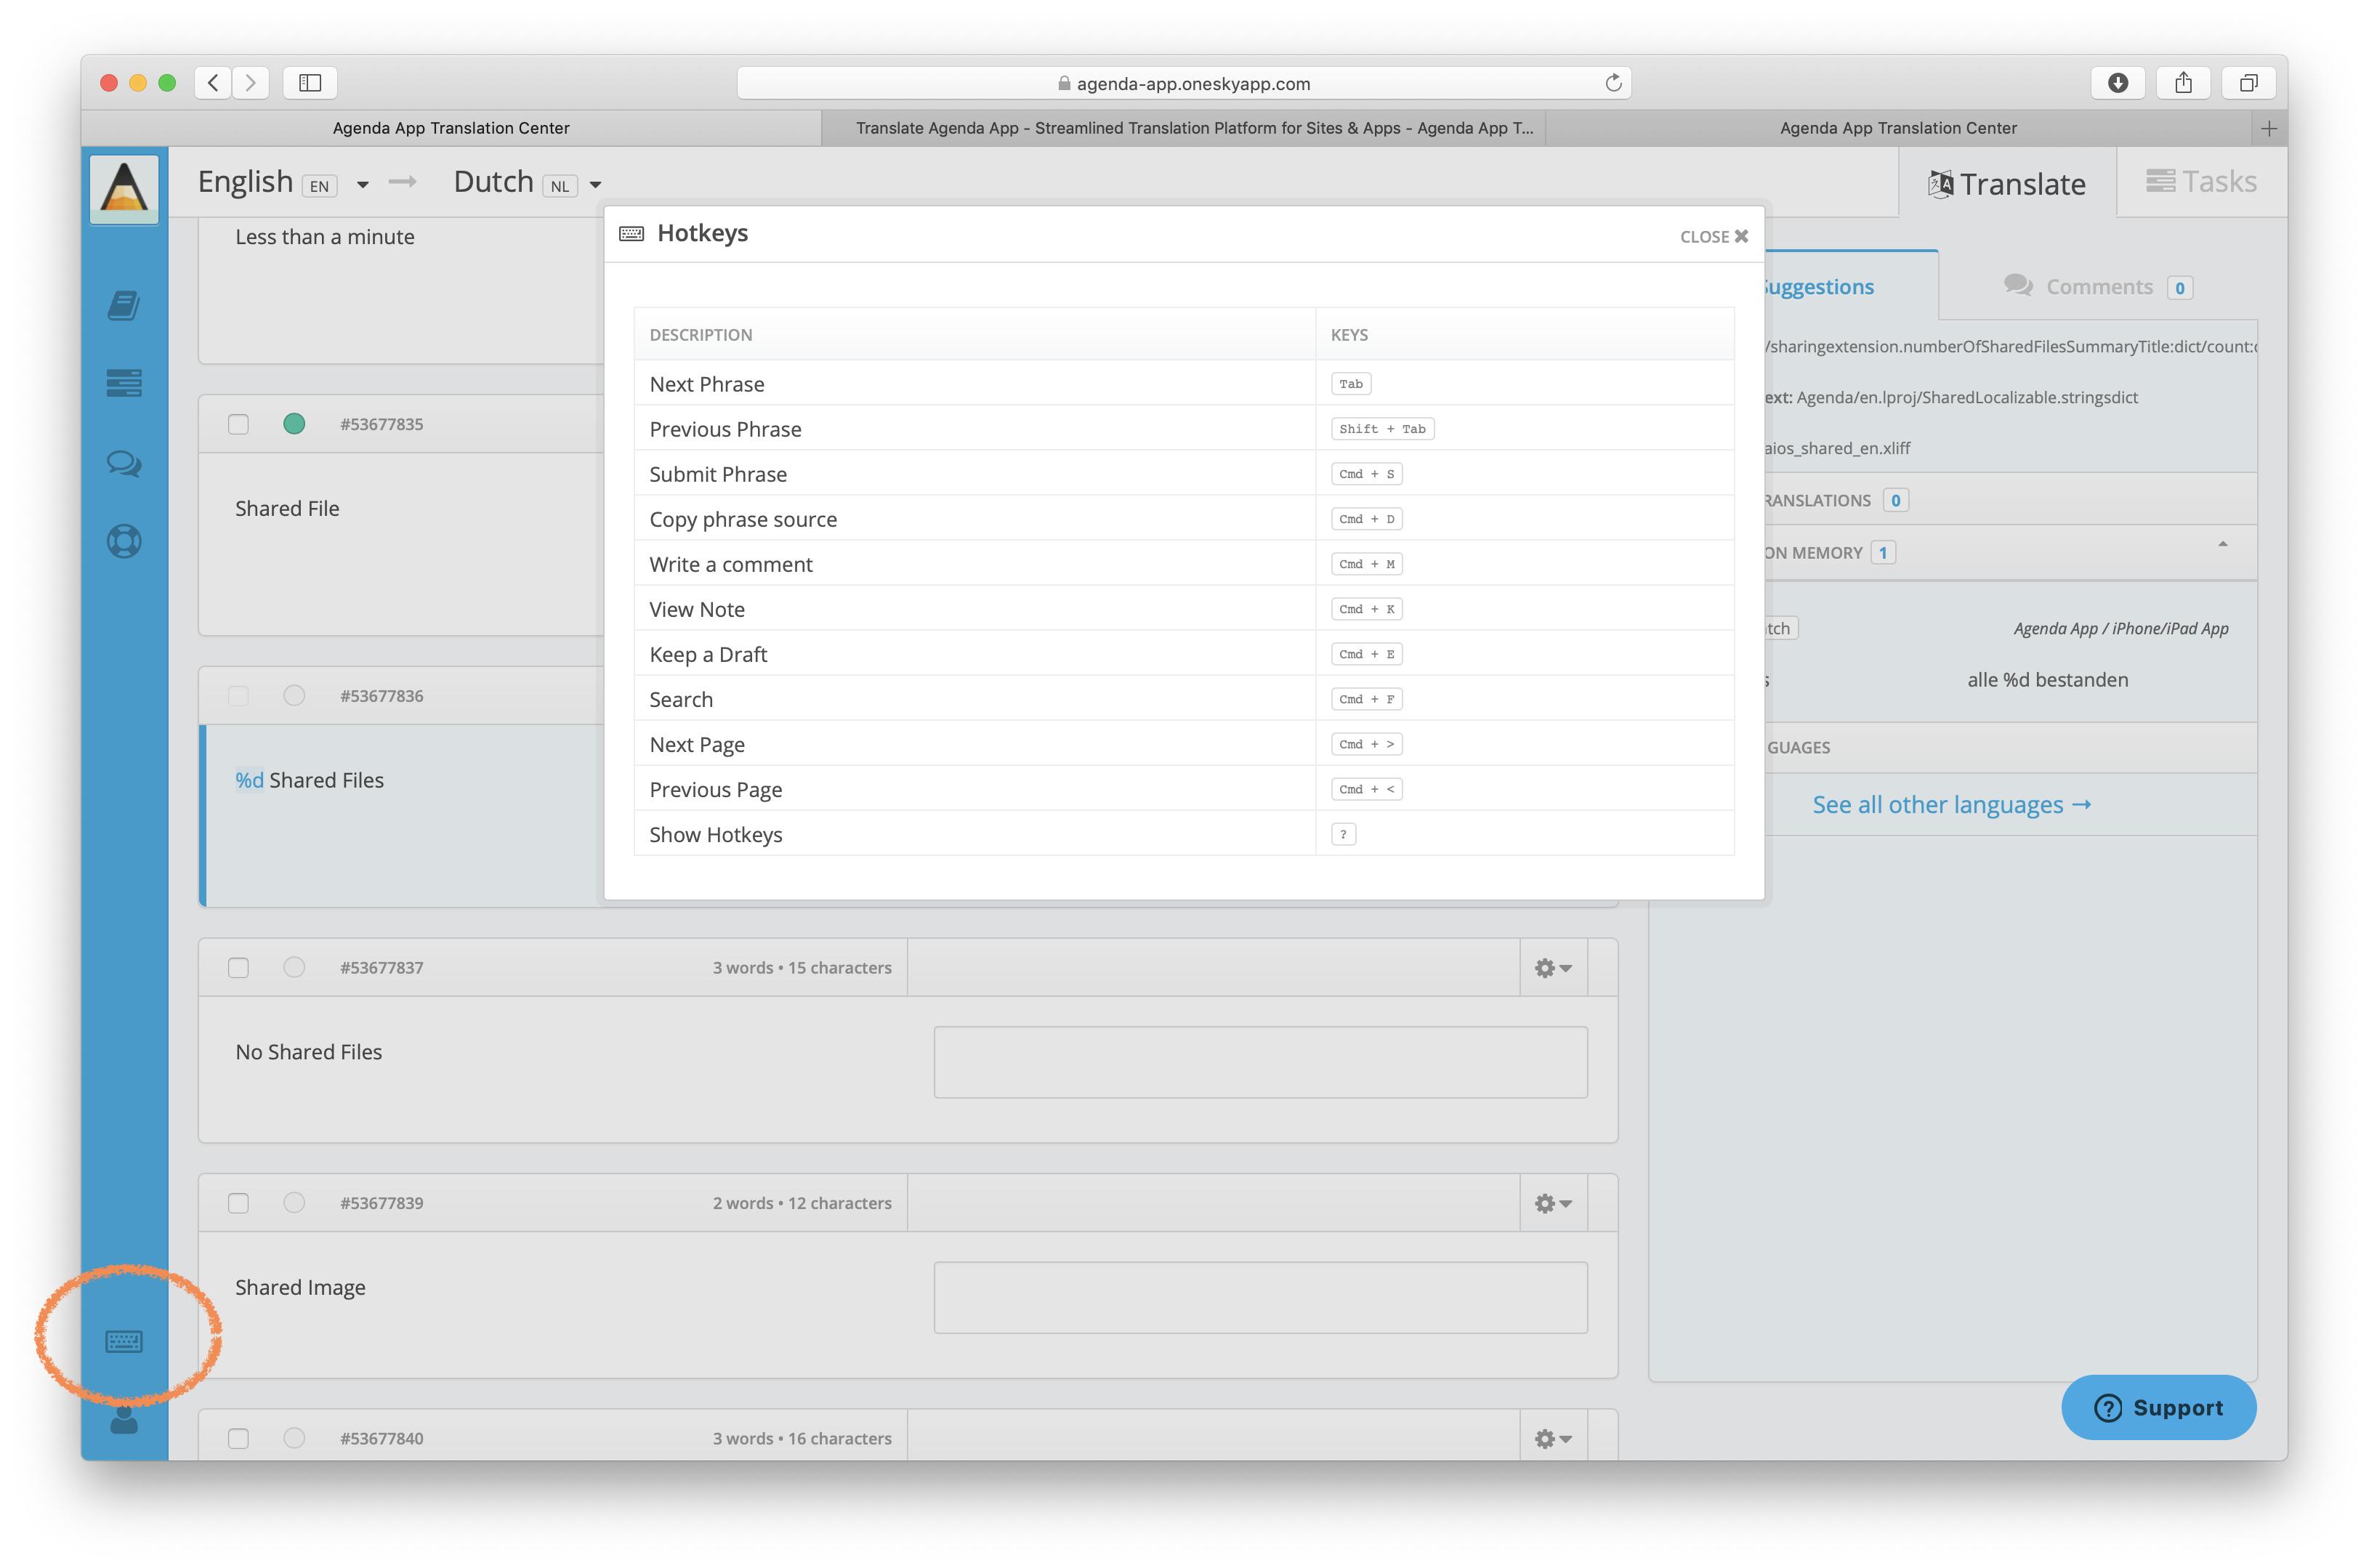 Screenshot 2020-04-21 at 09.56.33